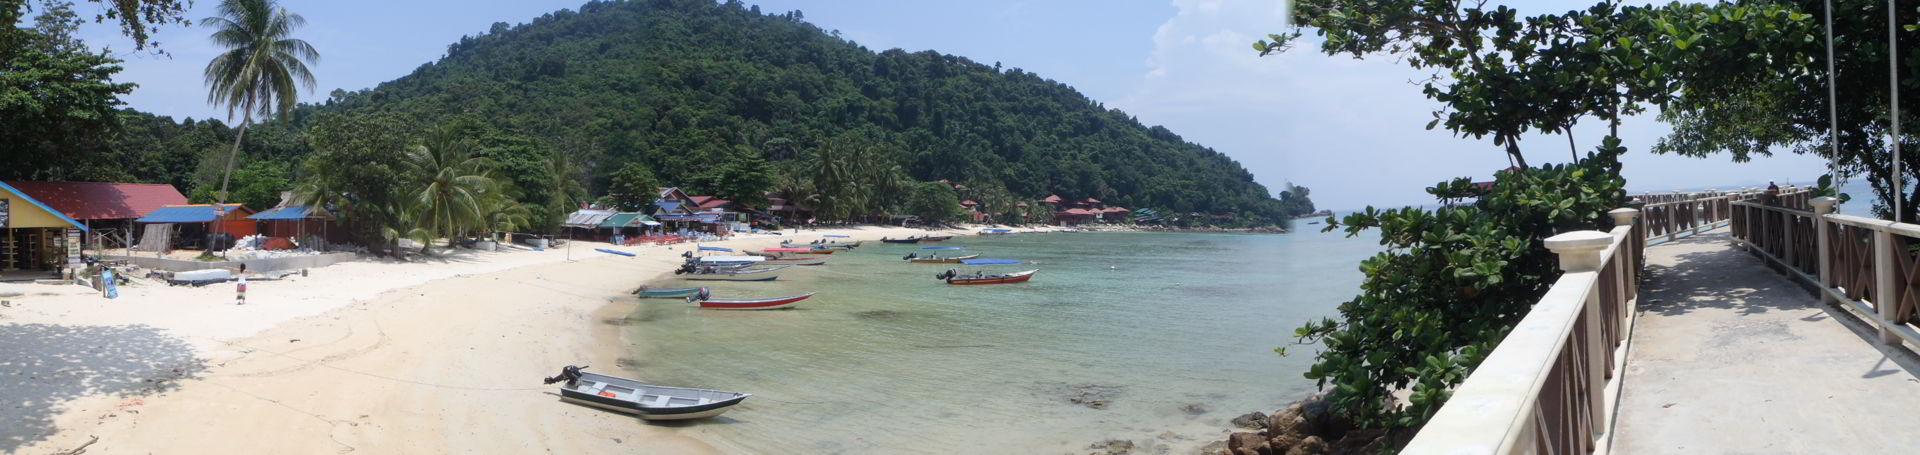 wakacje marzeń - Indonezja